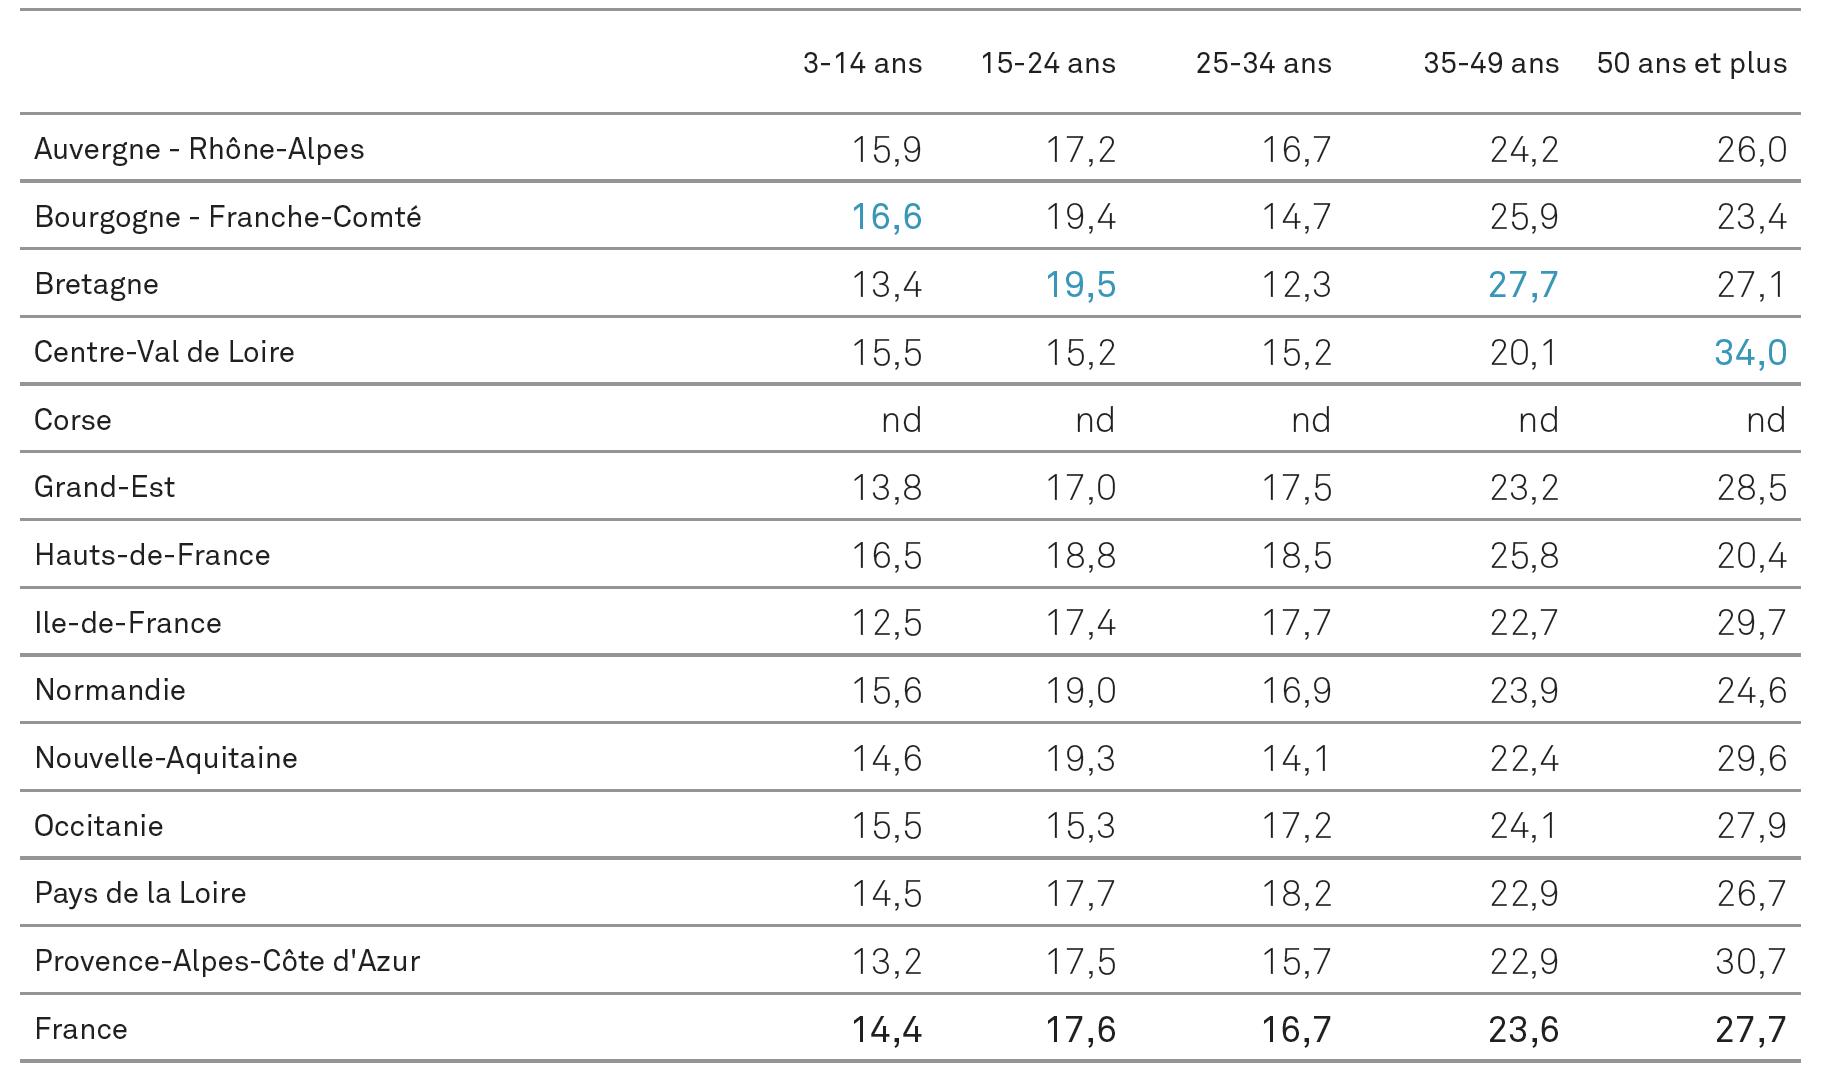 Répartition du public régional du cinéma selon l'âge en 2016 (%)